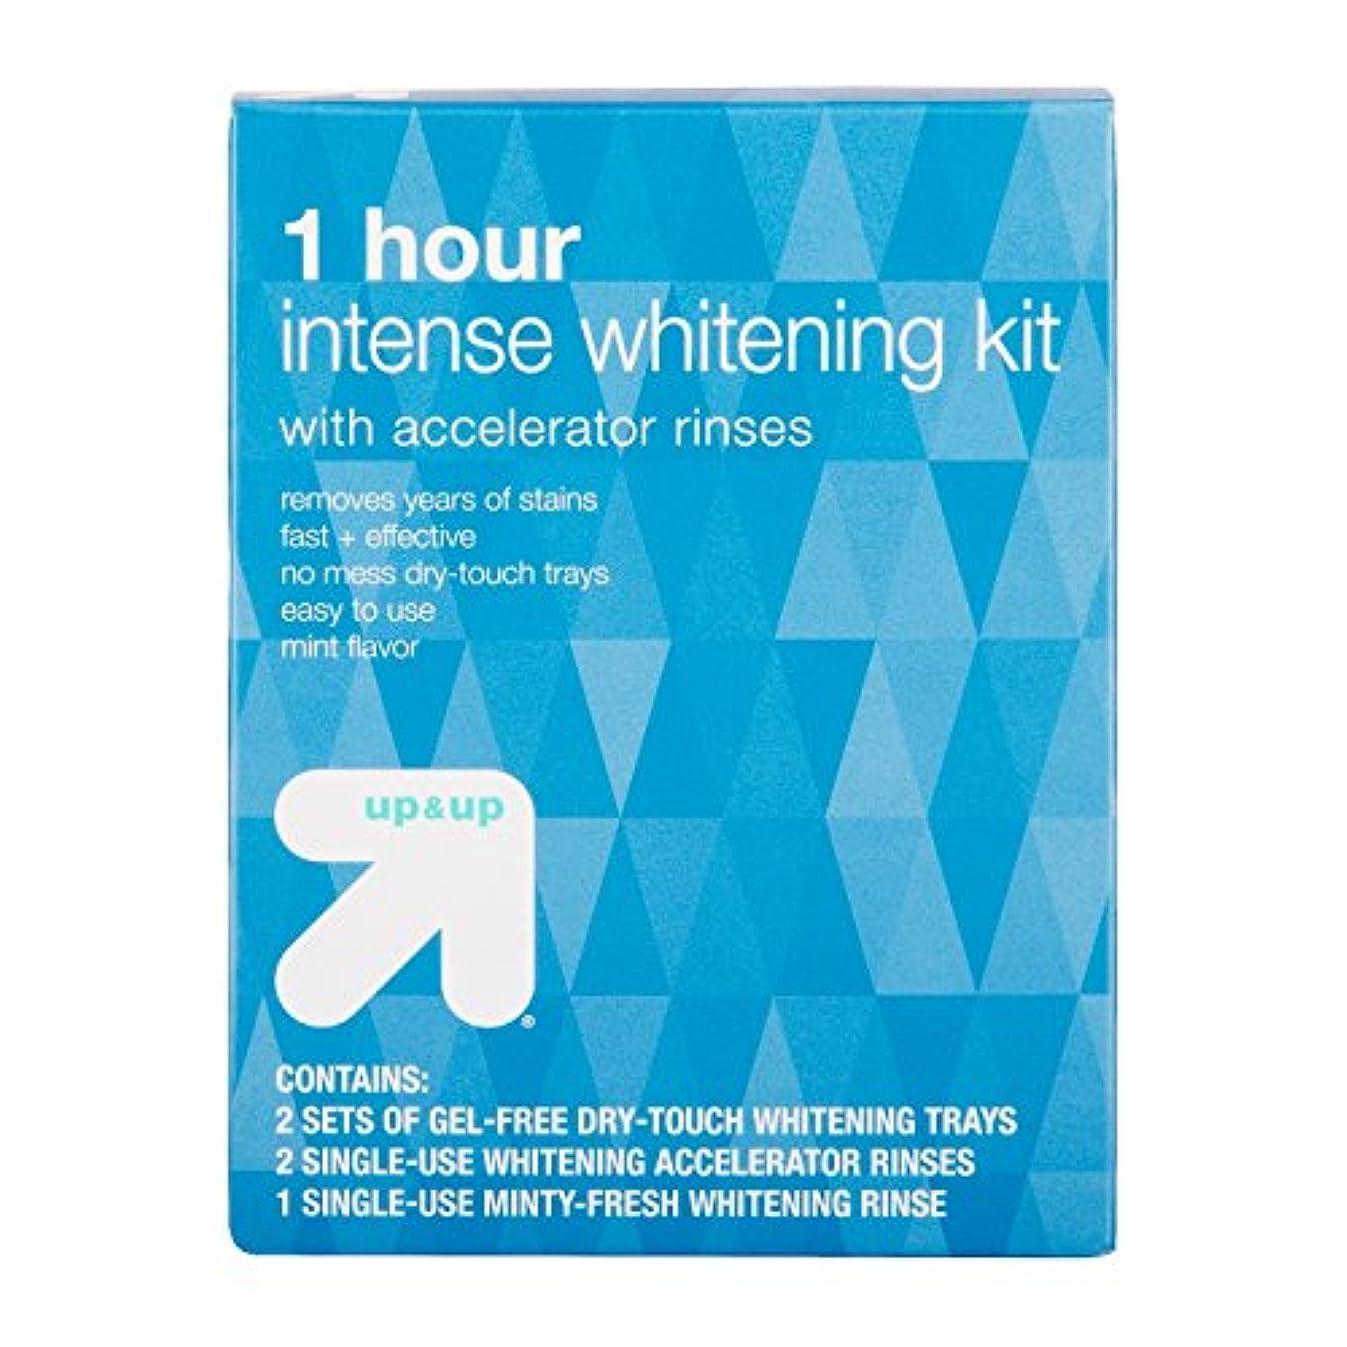 出席摂氏度破壊たった1時間で効果がわかる アップ&アップ ホワイトニングキット 1-Hour Intense Teeth Whitening Kit - up & up